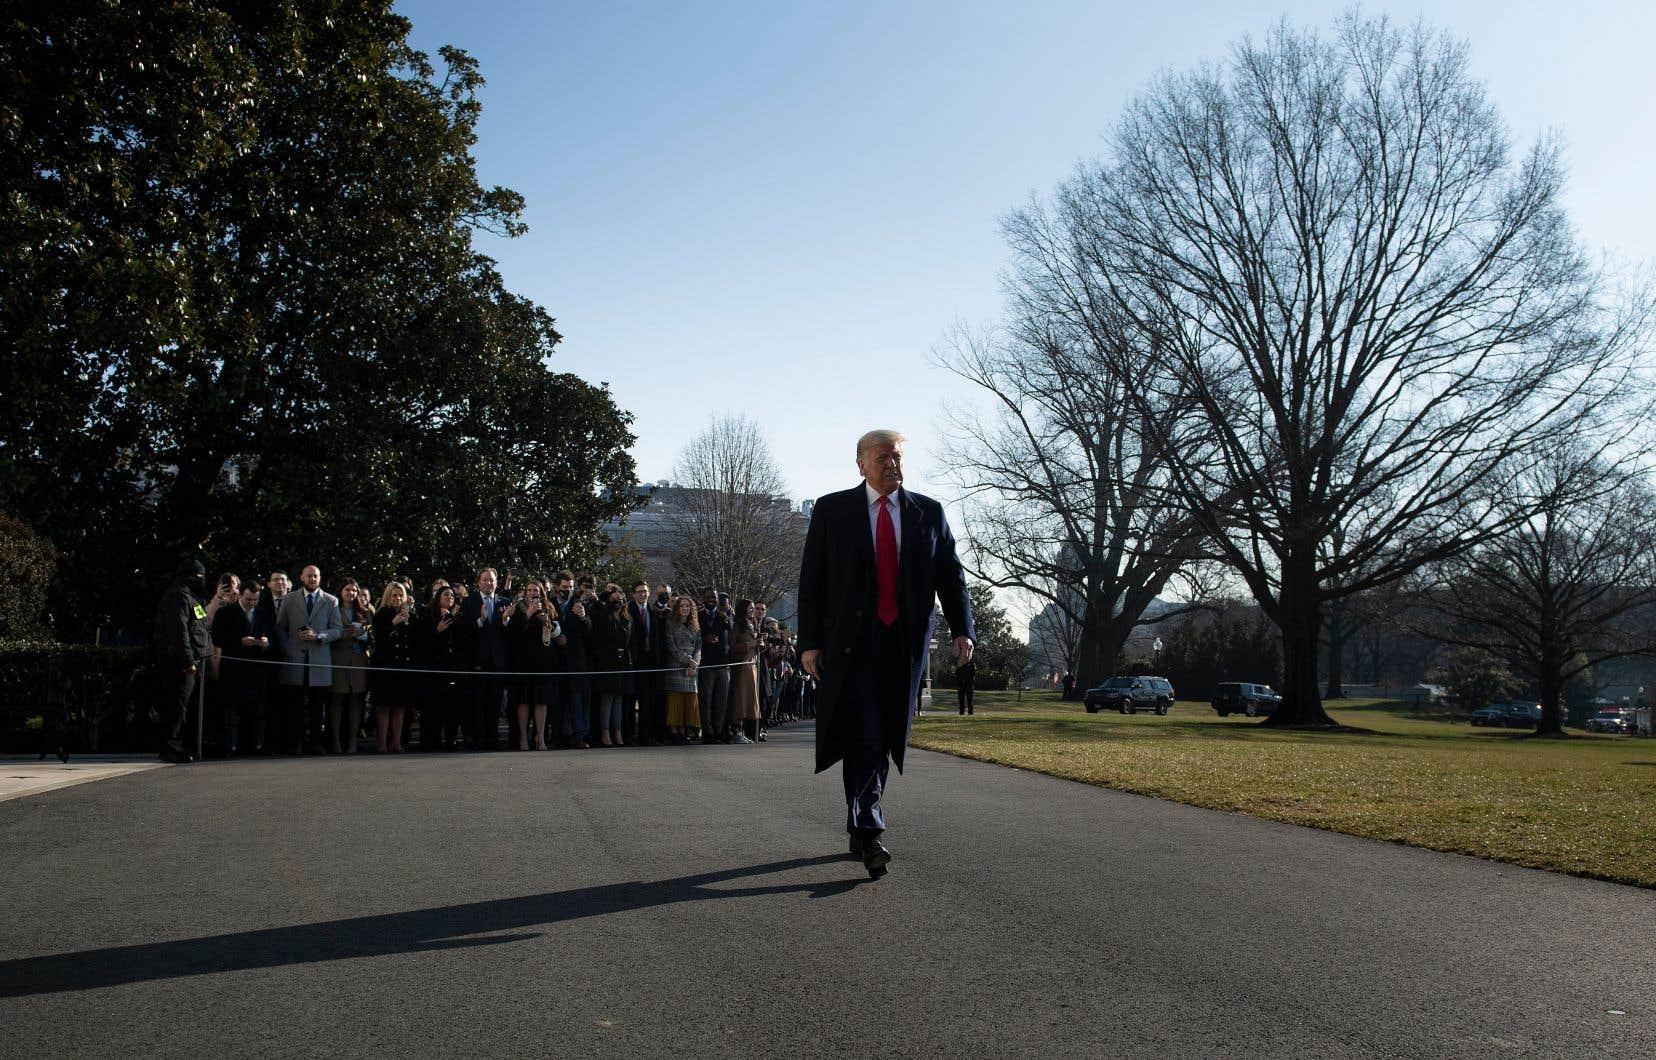 Depuis plusieurs semaines, Donald Trump n'a pris part à aucune rencontre officielle sur la gestion d'une des crises sanitaires les plus importantes que traverse son pays ni témoigné d'un réel engagement dans cette guerre.